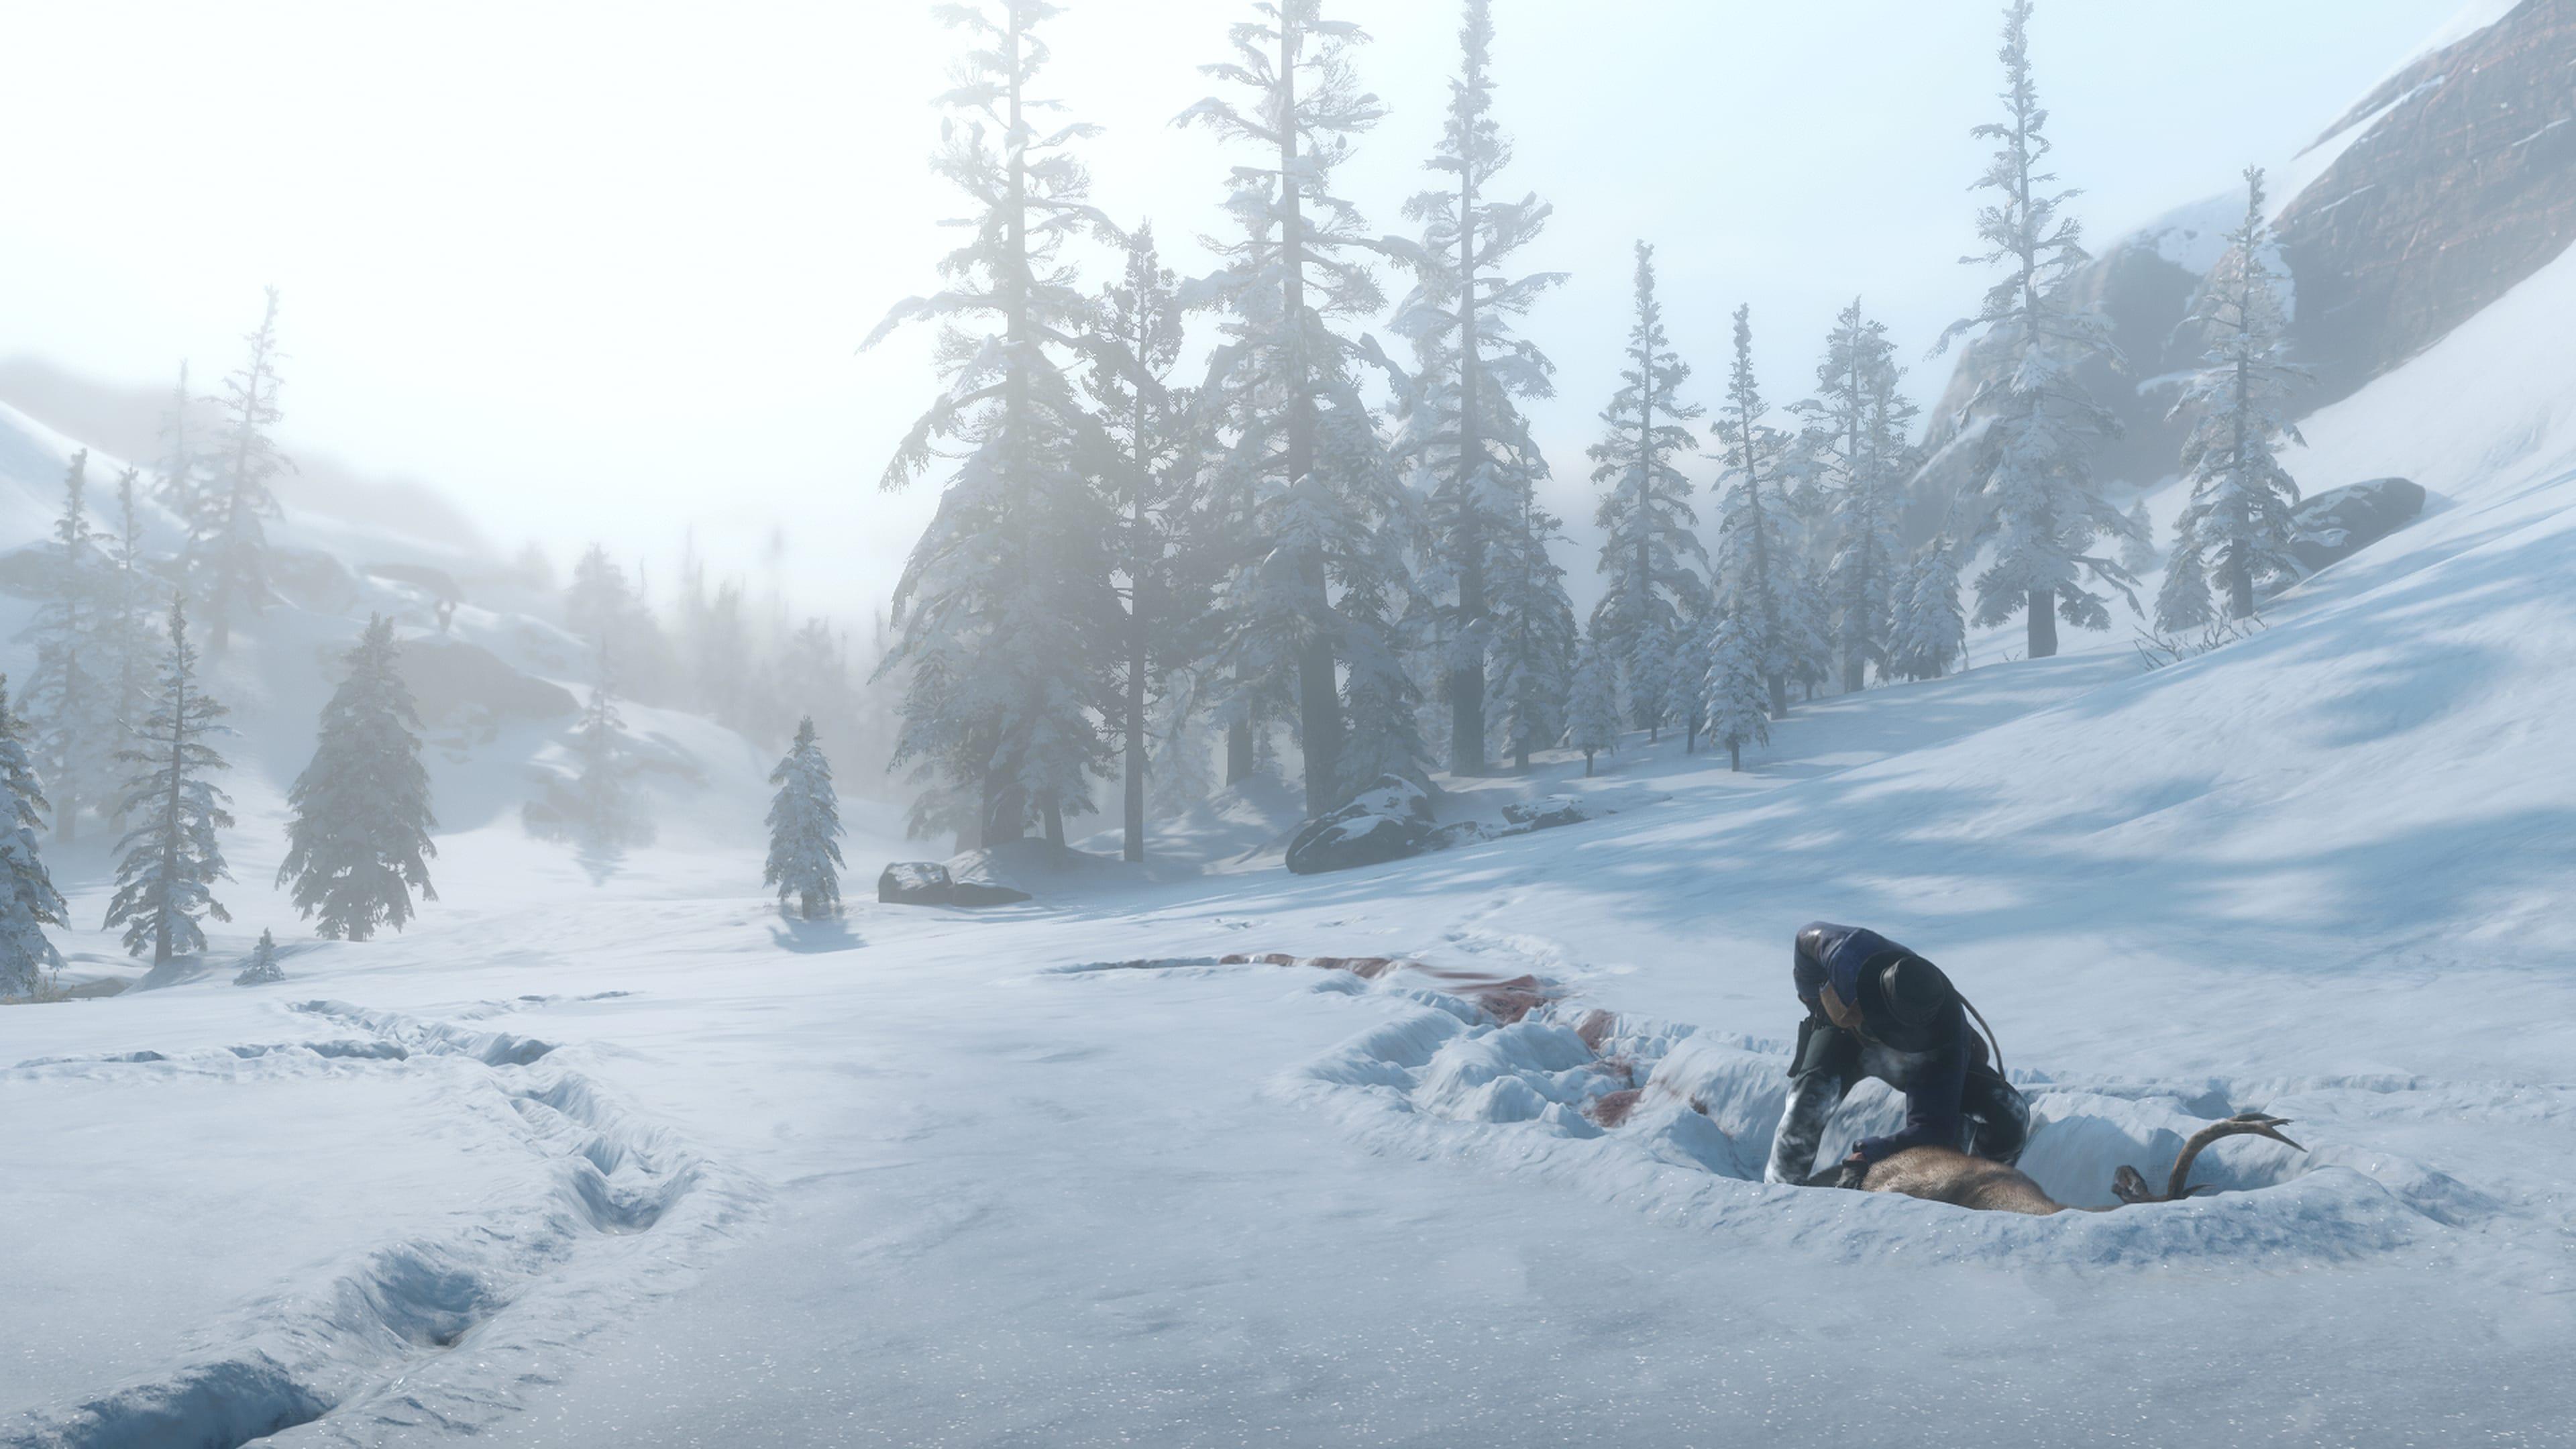 Guide Les Animaux dans Red Dead Redemption Chasse et pêche 2